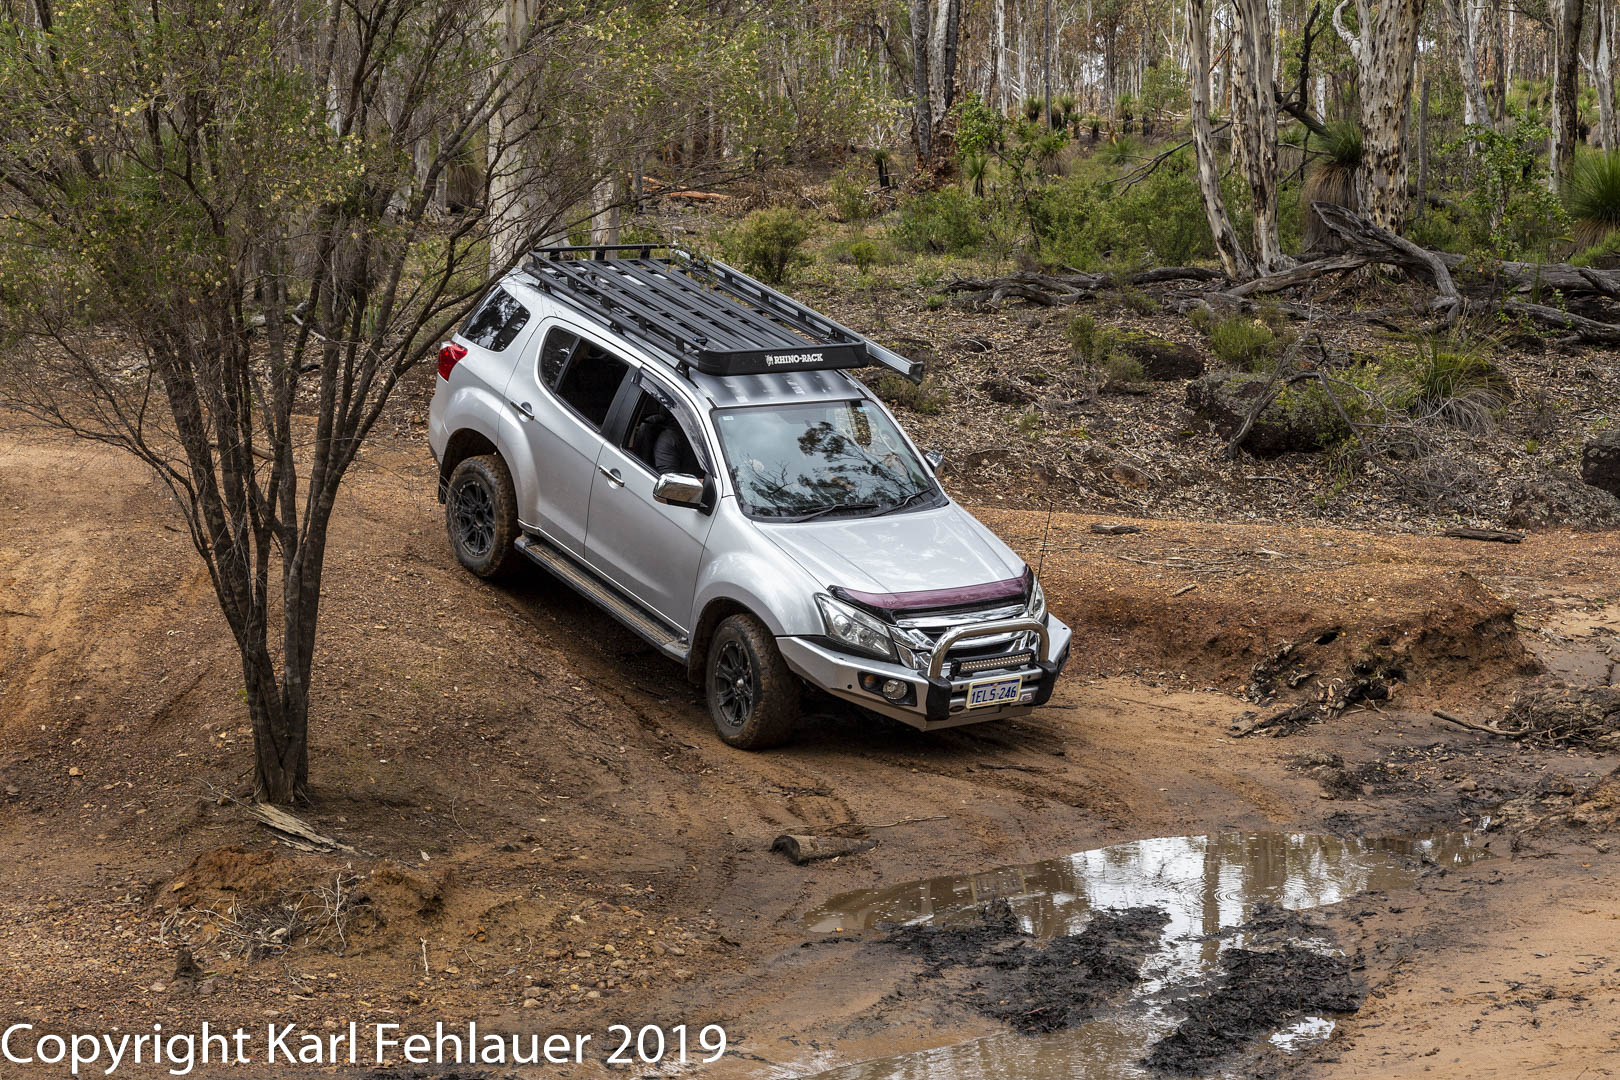 2019-10-05 4WD - 016-Edit.jpg